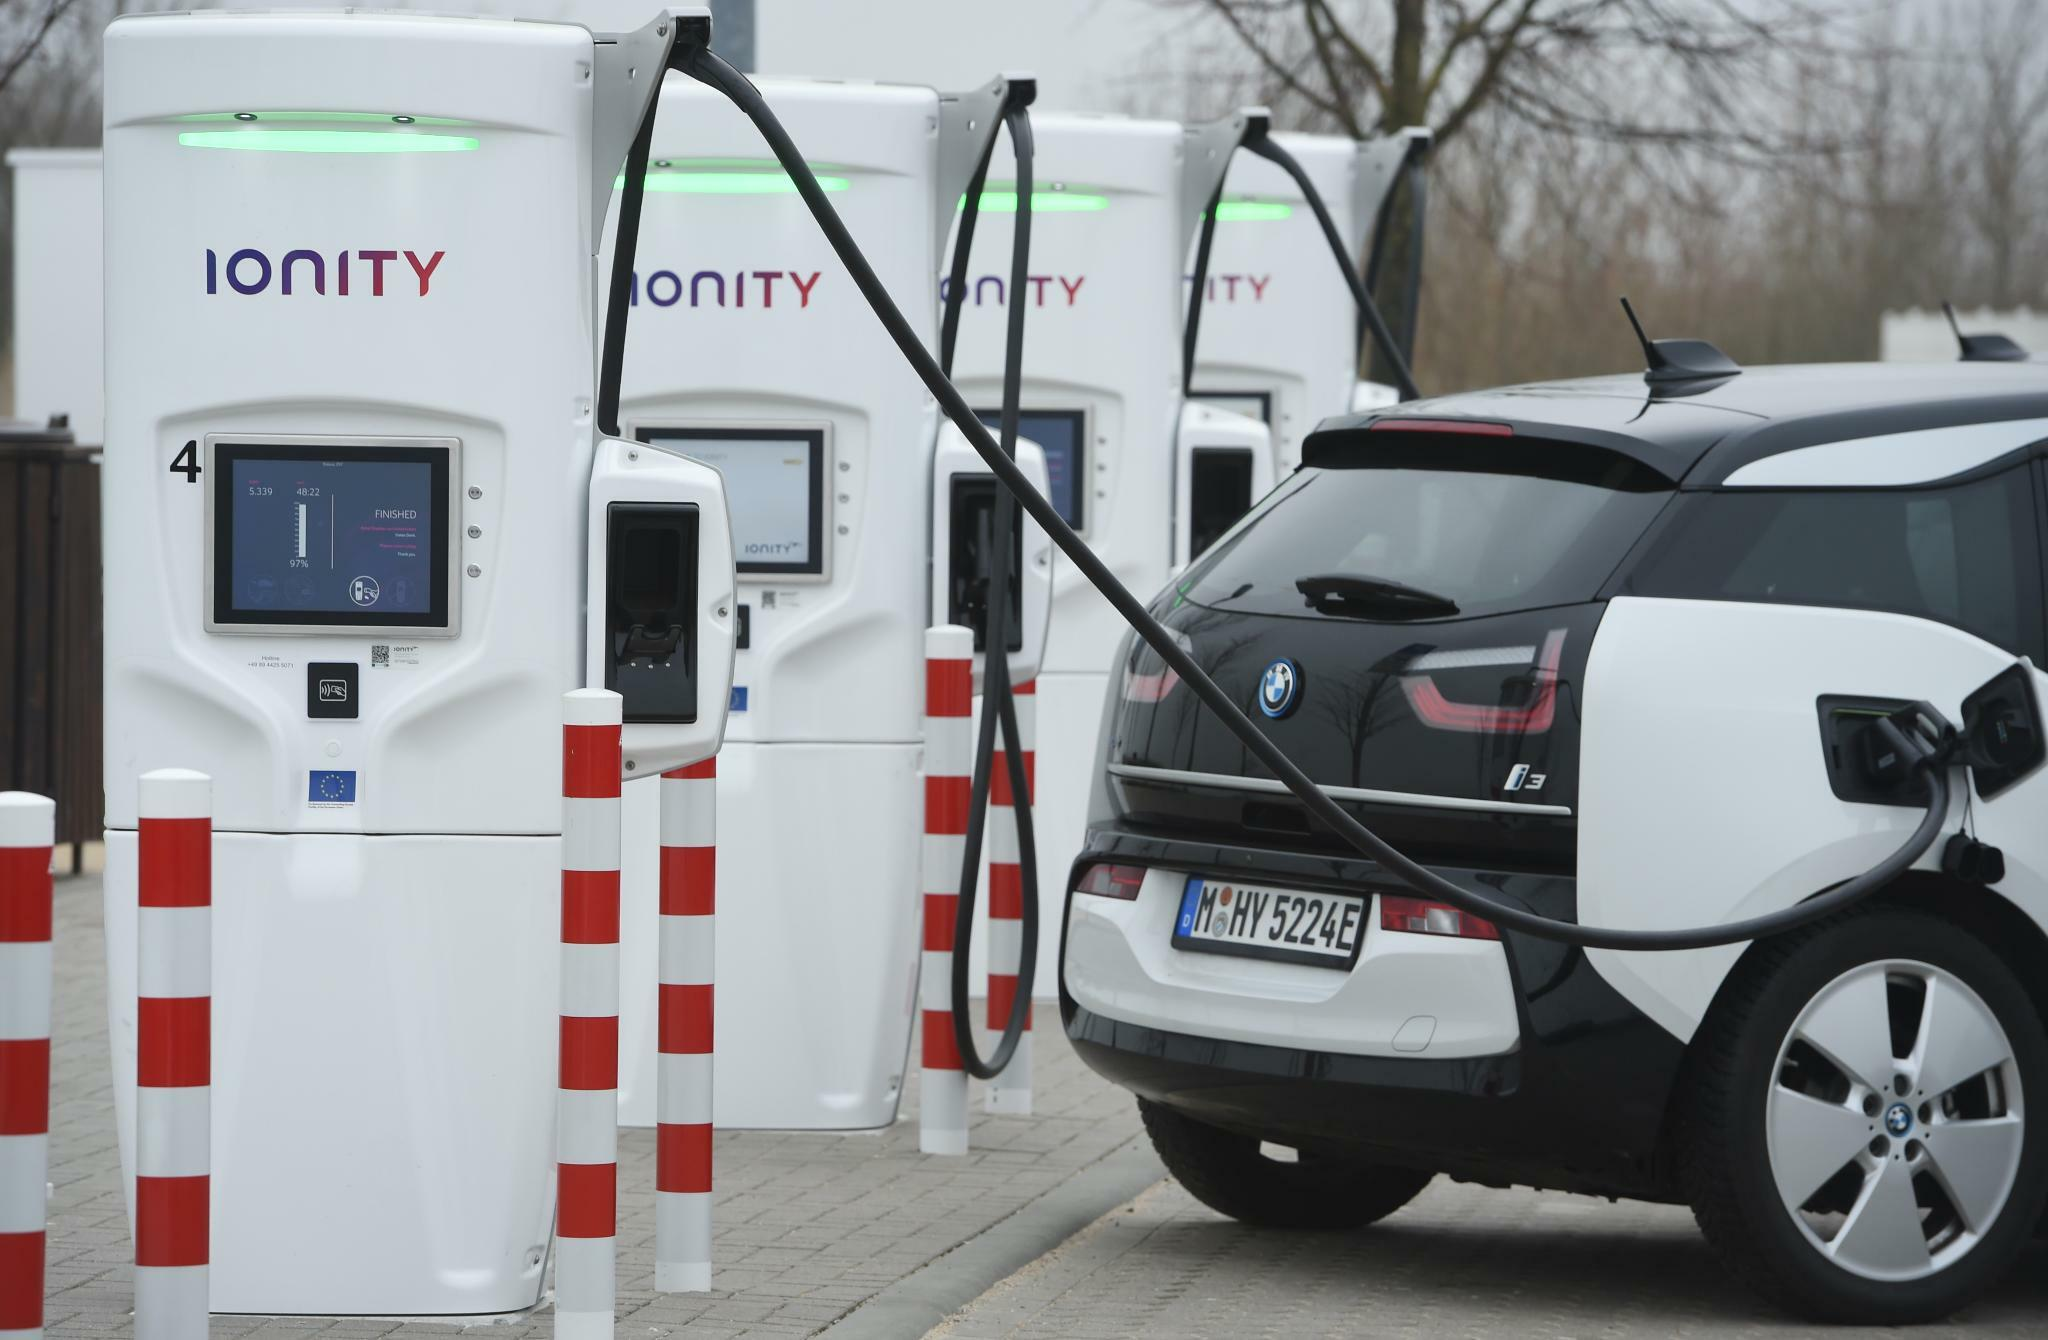 Smart, Tesla, BMW: Für welche Marken der Umweltbonus gezahlt wird